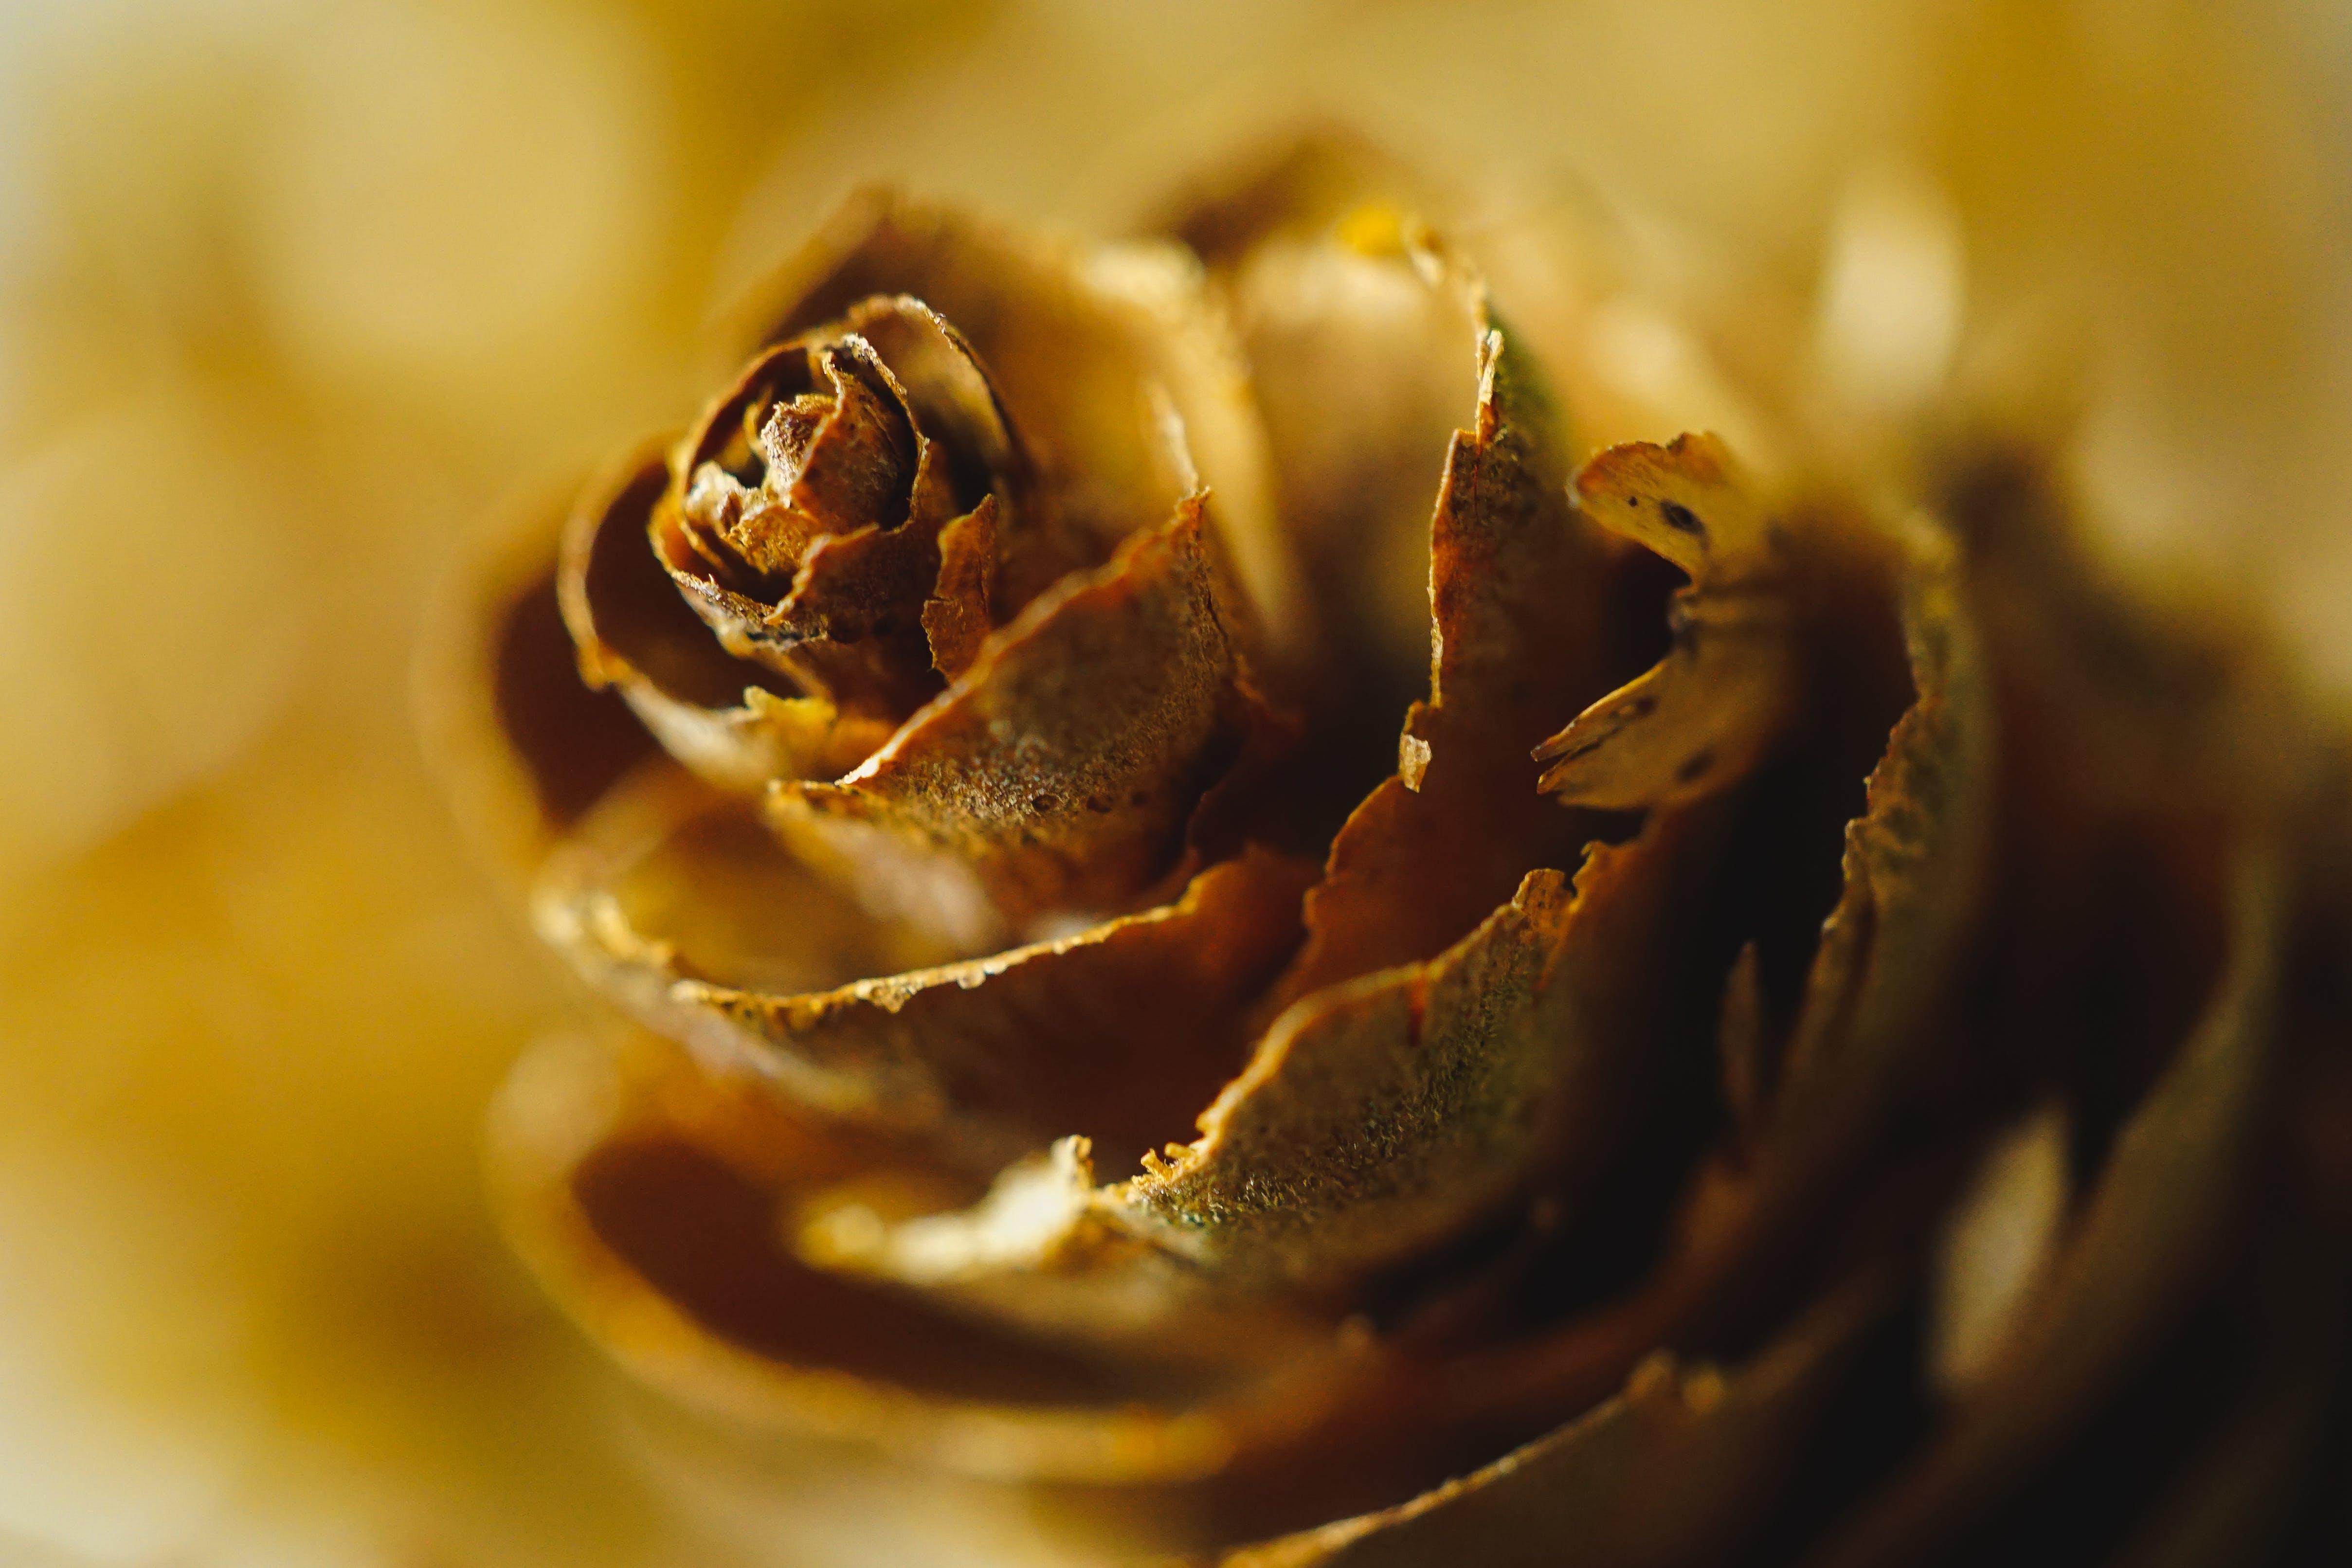 Immagine gratuita di colori, fiore, macrofotografia, marrone